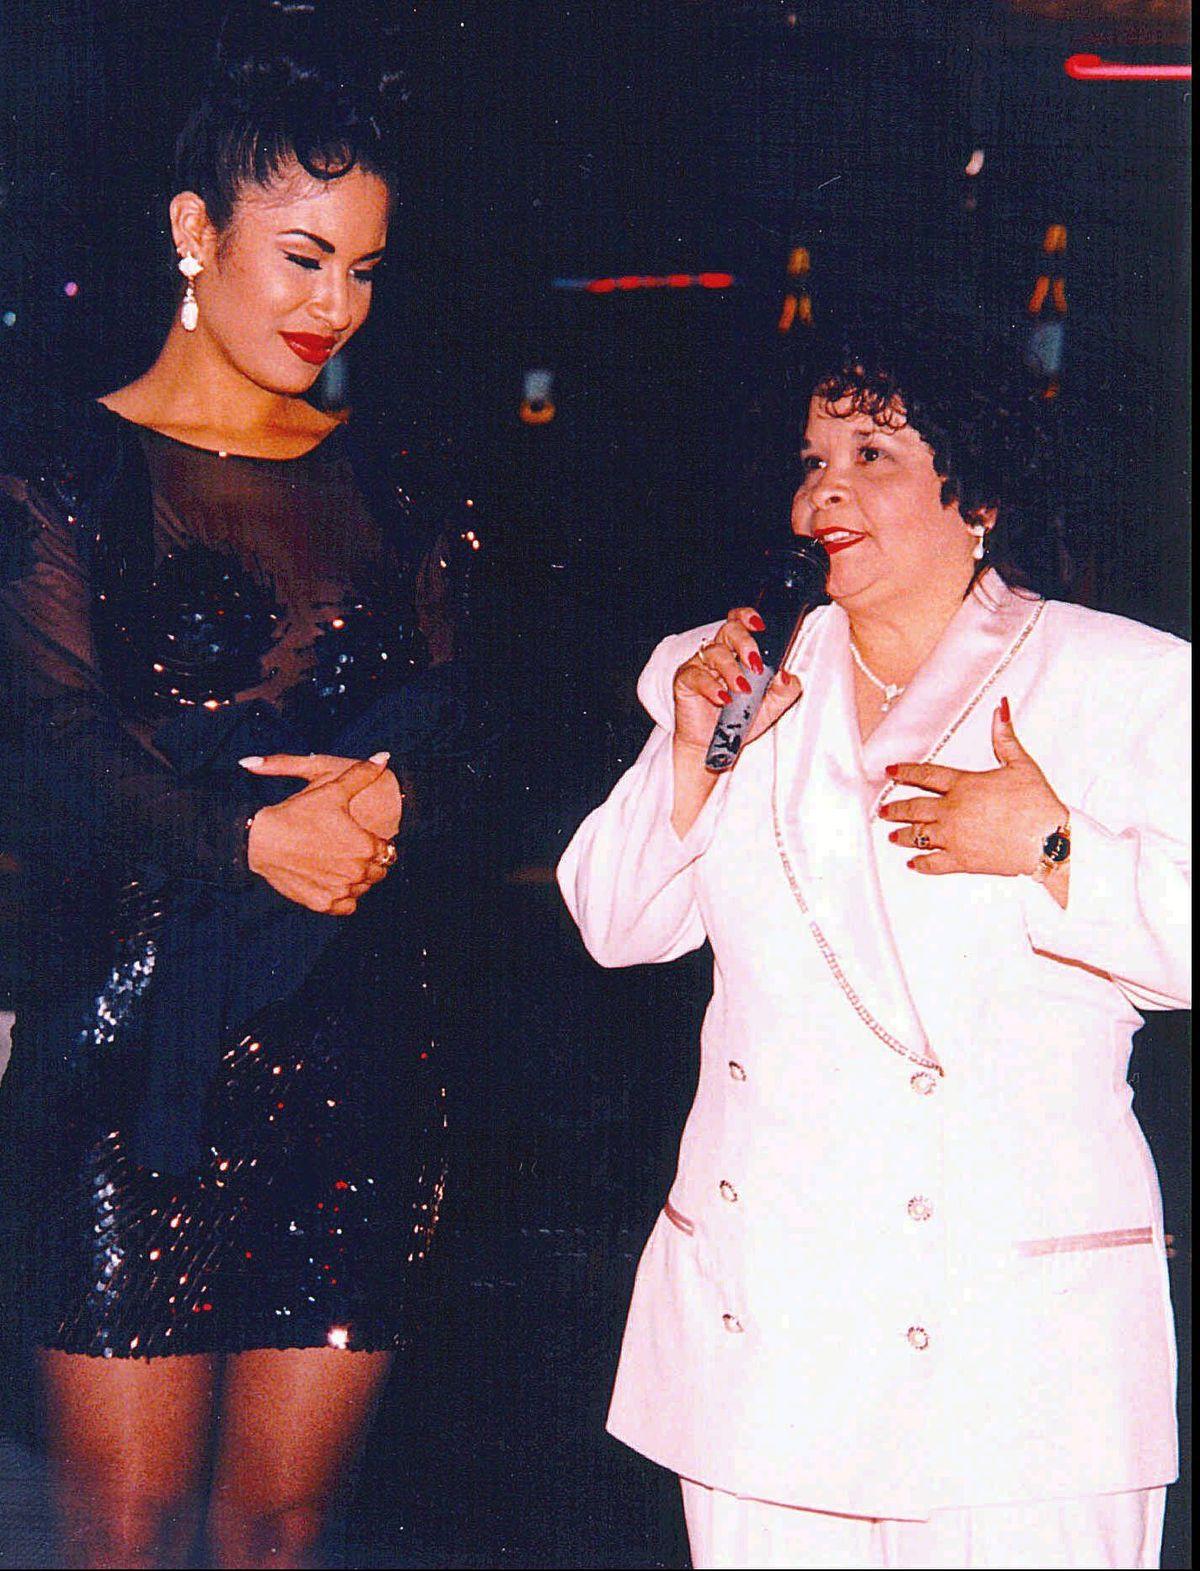 Mitä tapahtui Yolanda Saldívarille, Selena Quintanillan tappajalle?